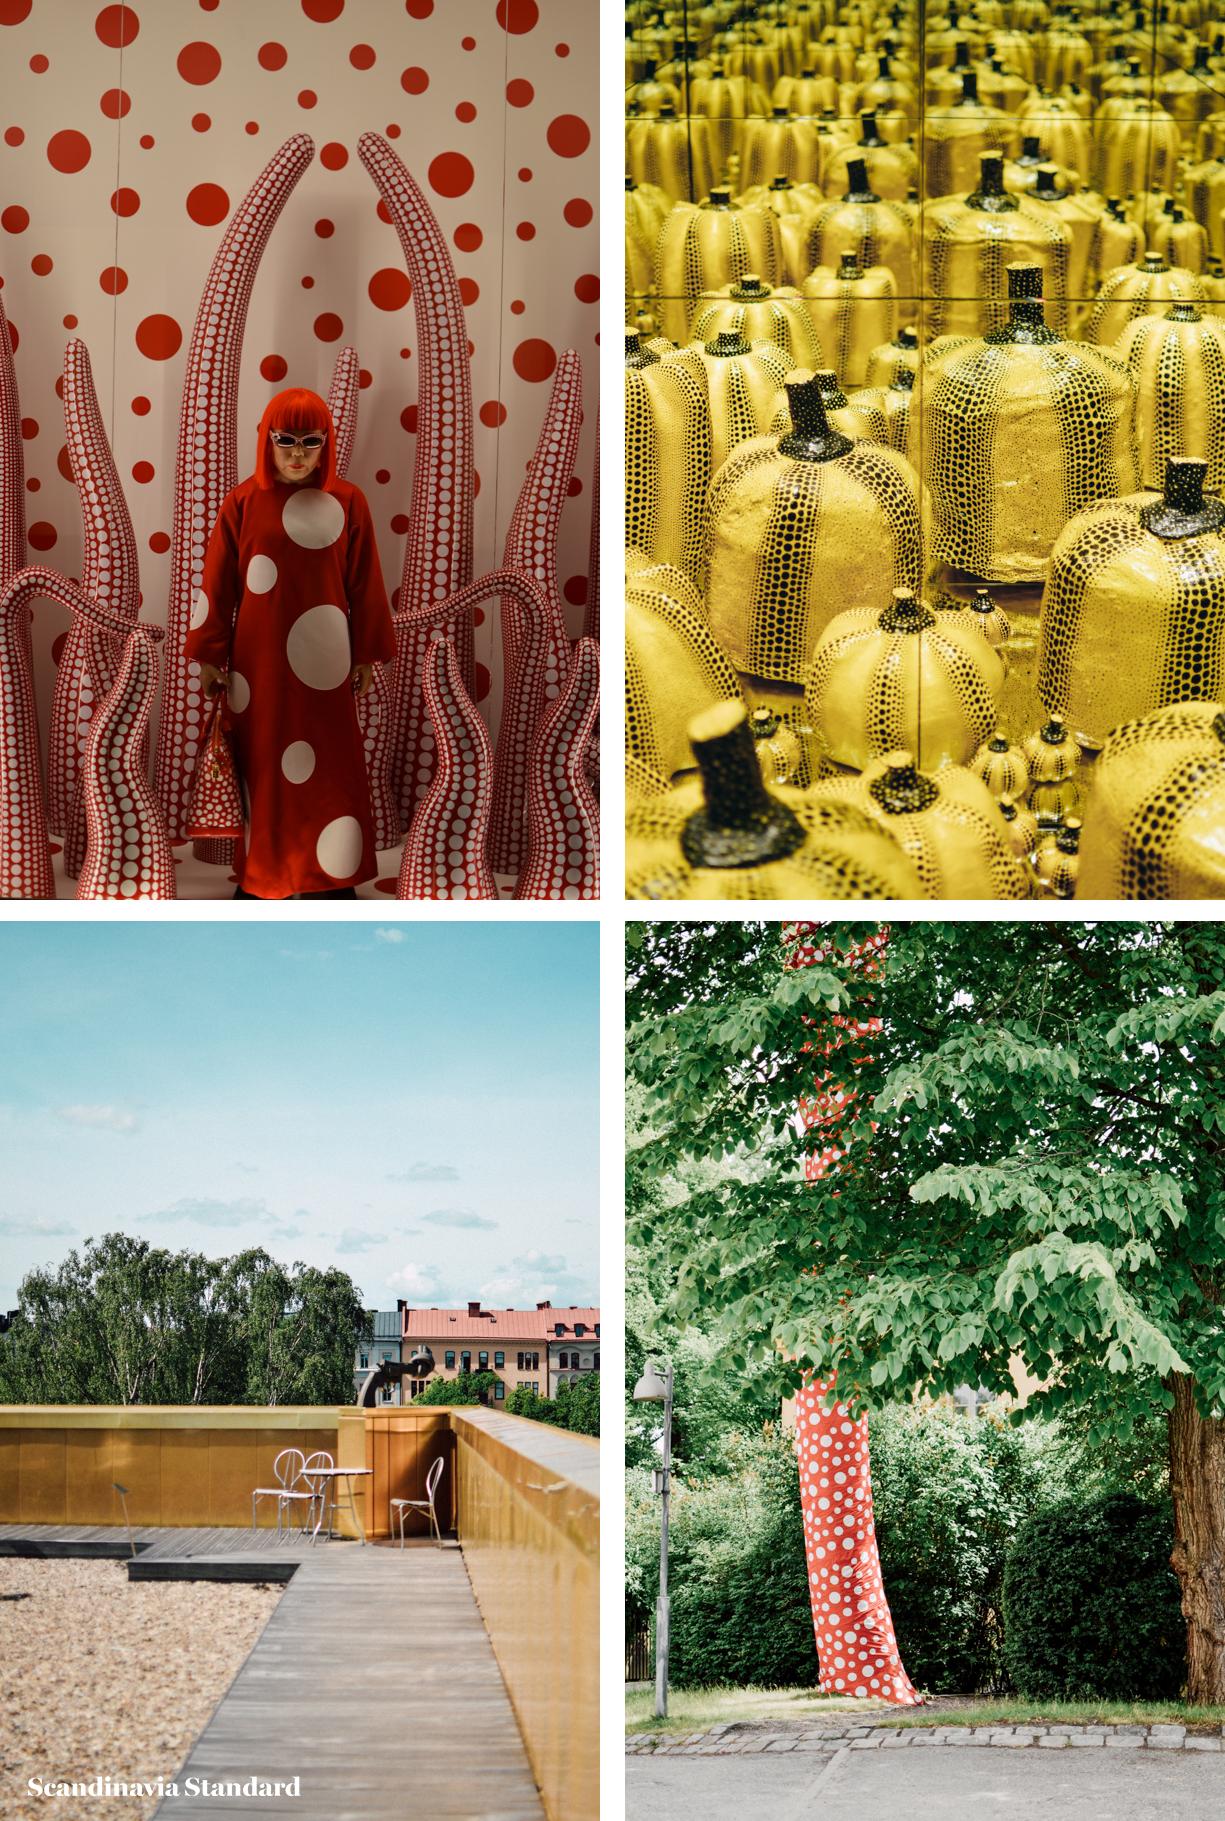 Yayoi Kusama %22In Infinity%22 Collage - ScandiSix Exhibitions I Scandinavia Standard